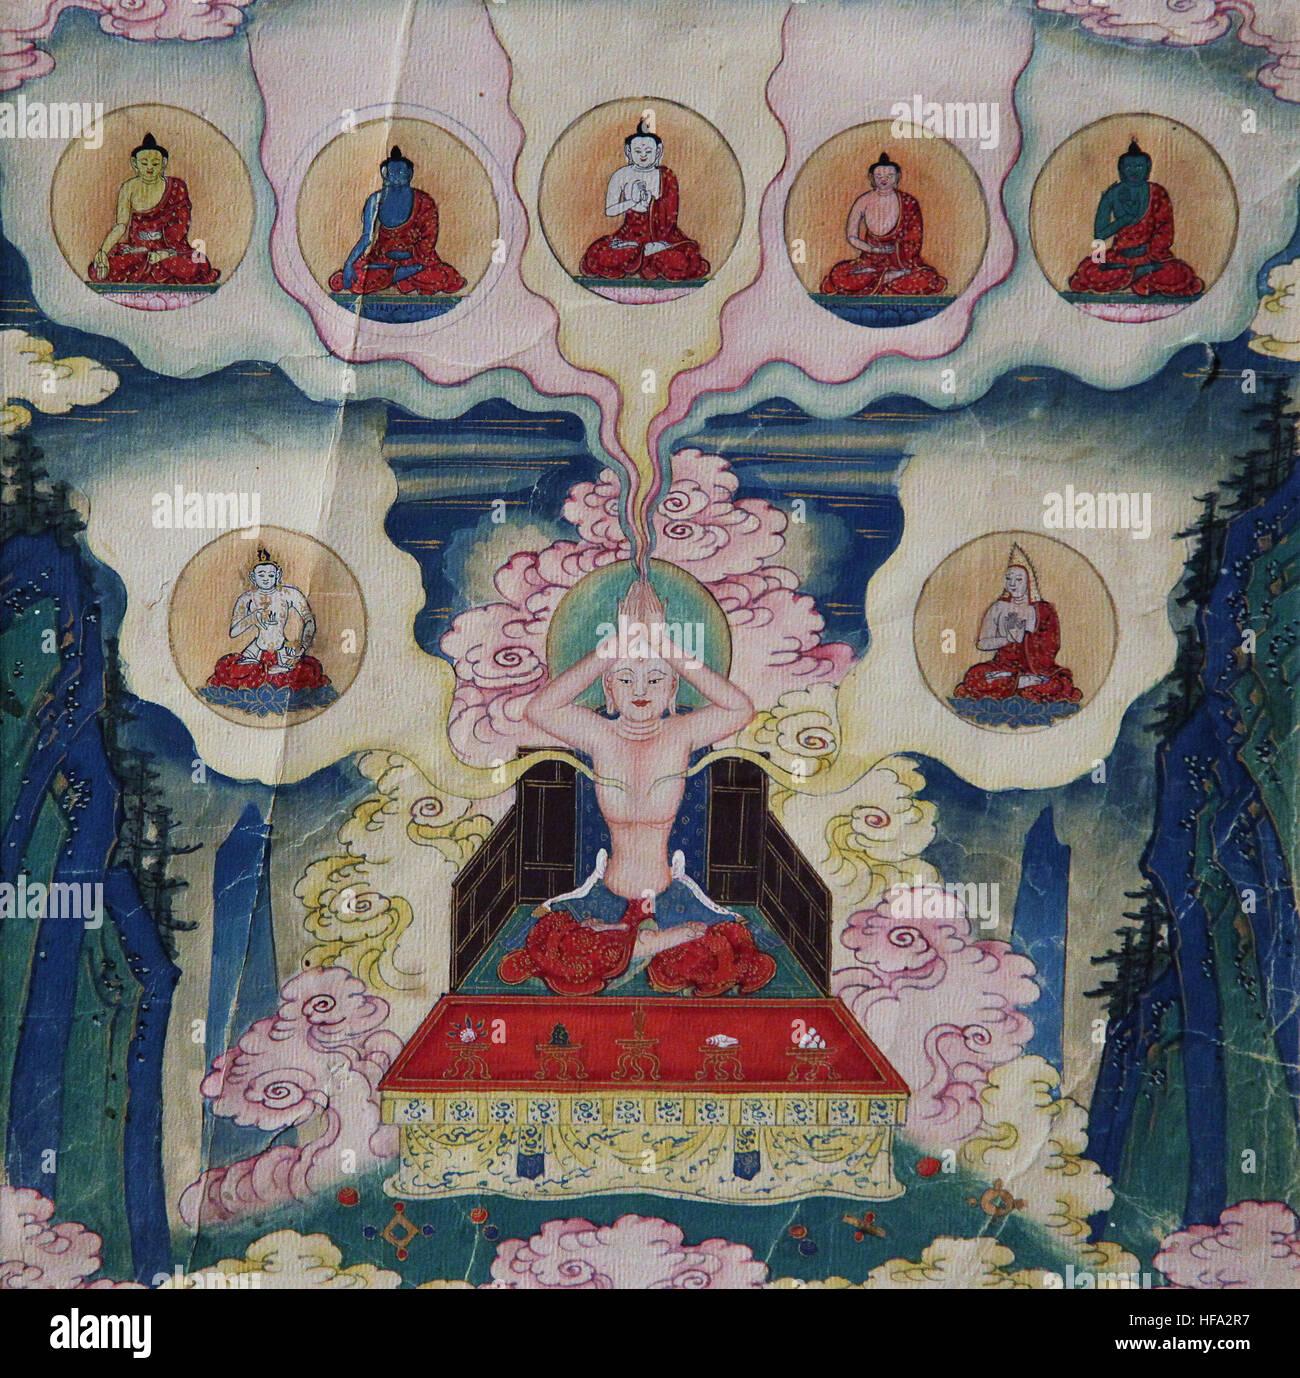 La méditation bouddhiste vajrayana tibétain du 18e siècle peinture bouddha et l'esprit de dévotion Photo Stock